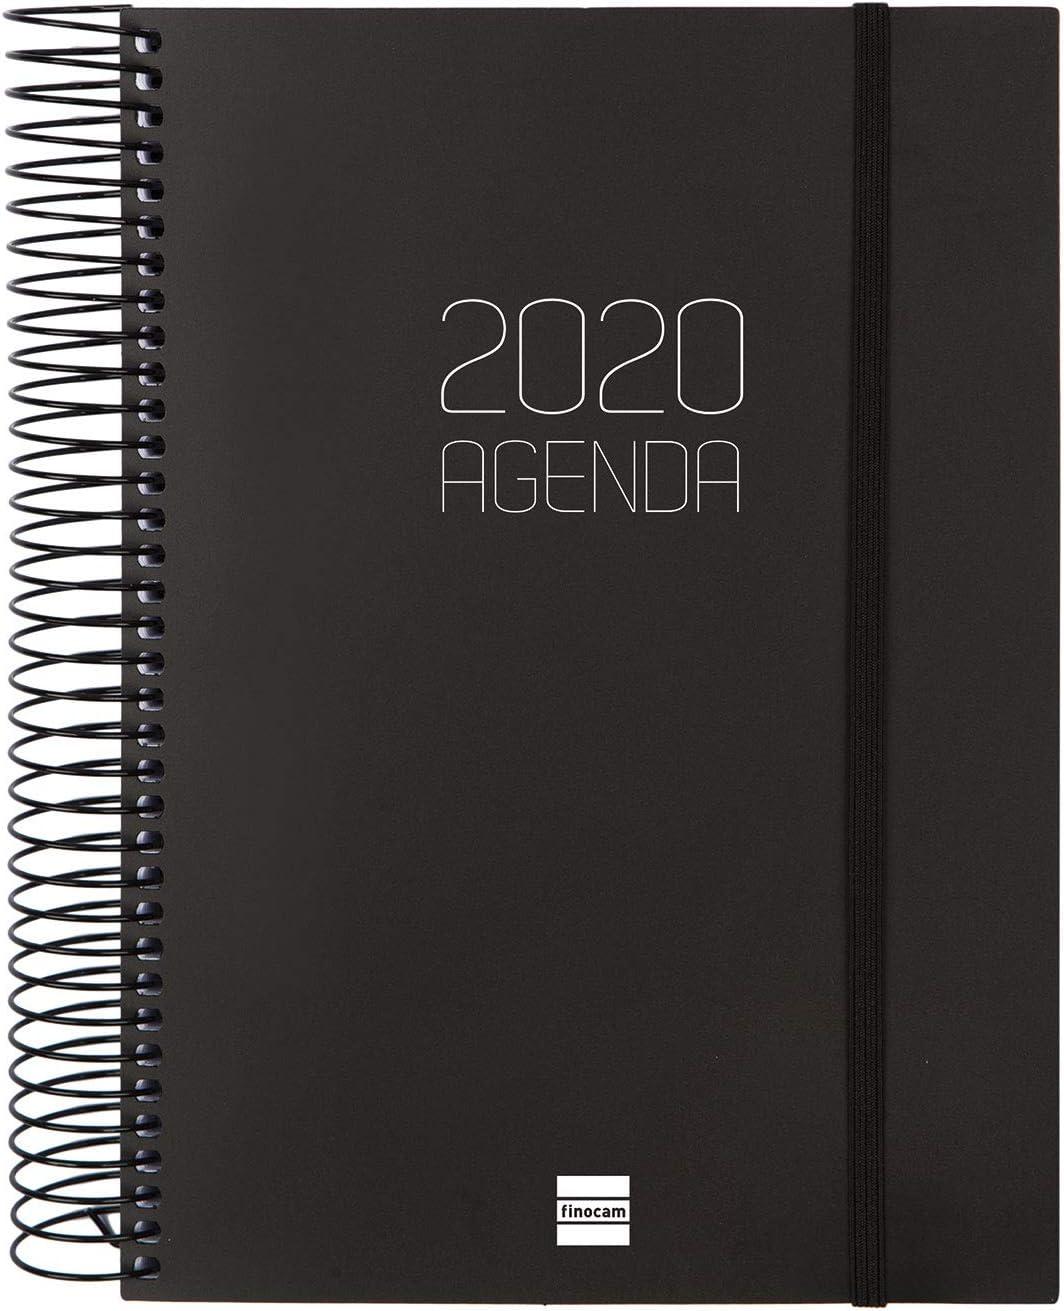 Finocam - Agenda 2020 1 Día Página Espiral Opaque Negro Español, 155X212 mm